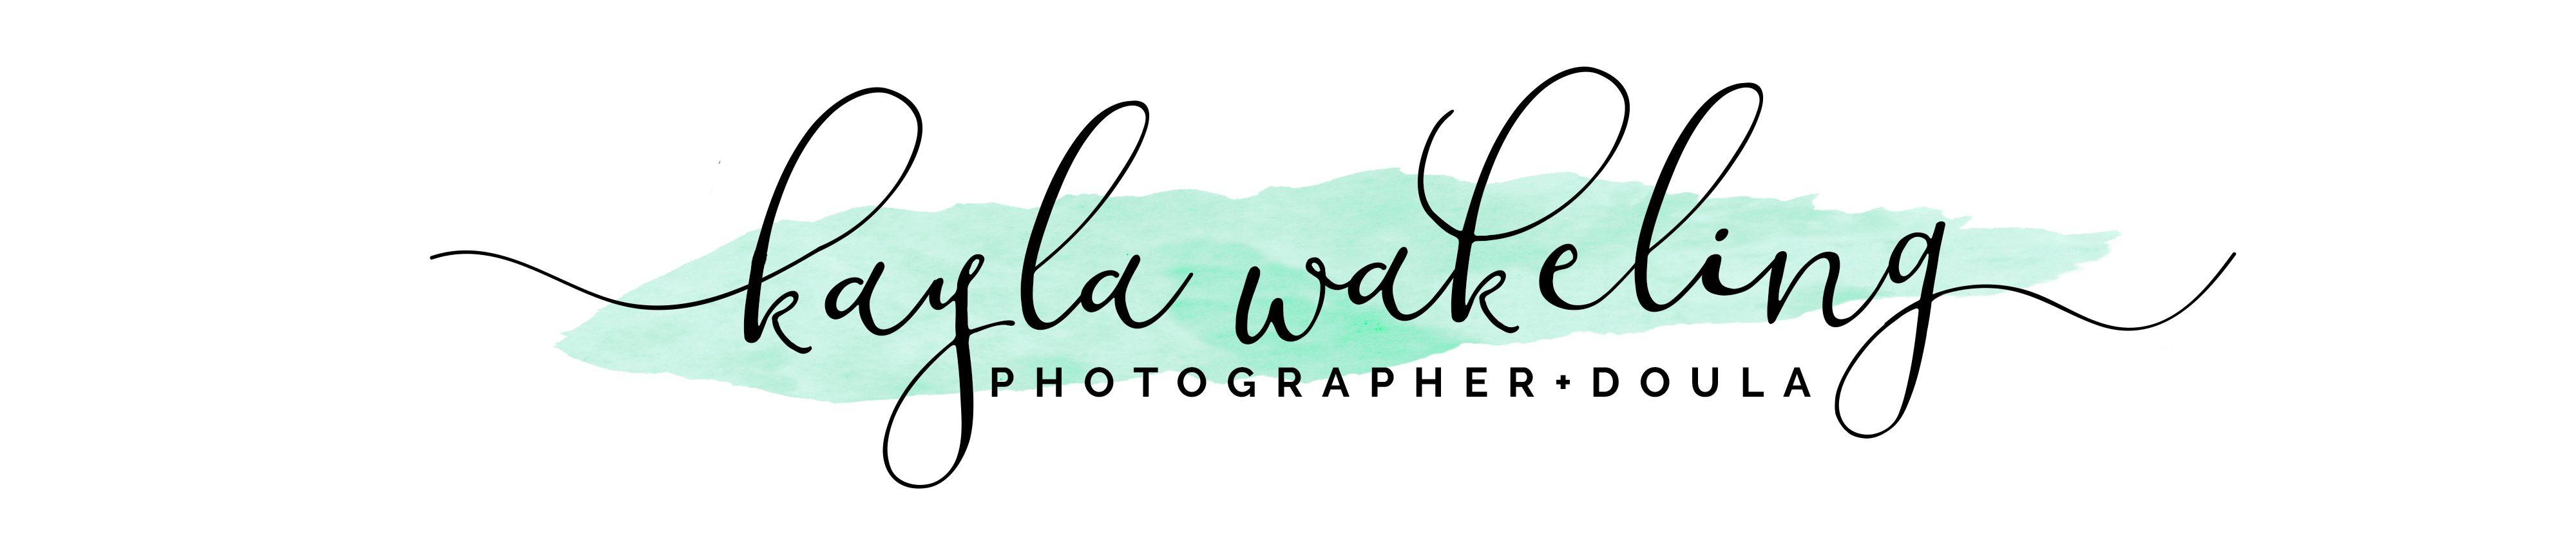 Kayla Wakeling Photography